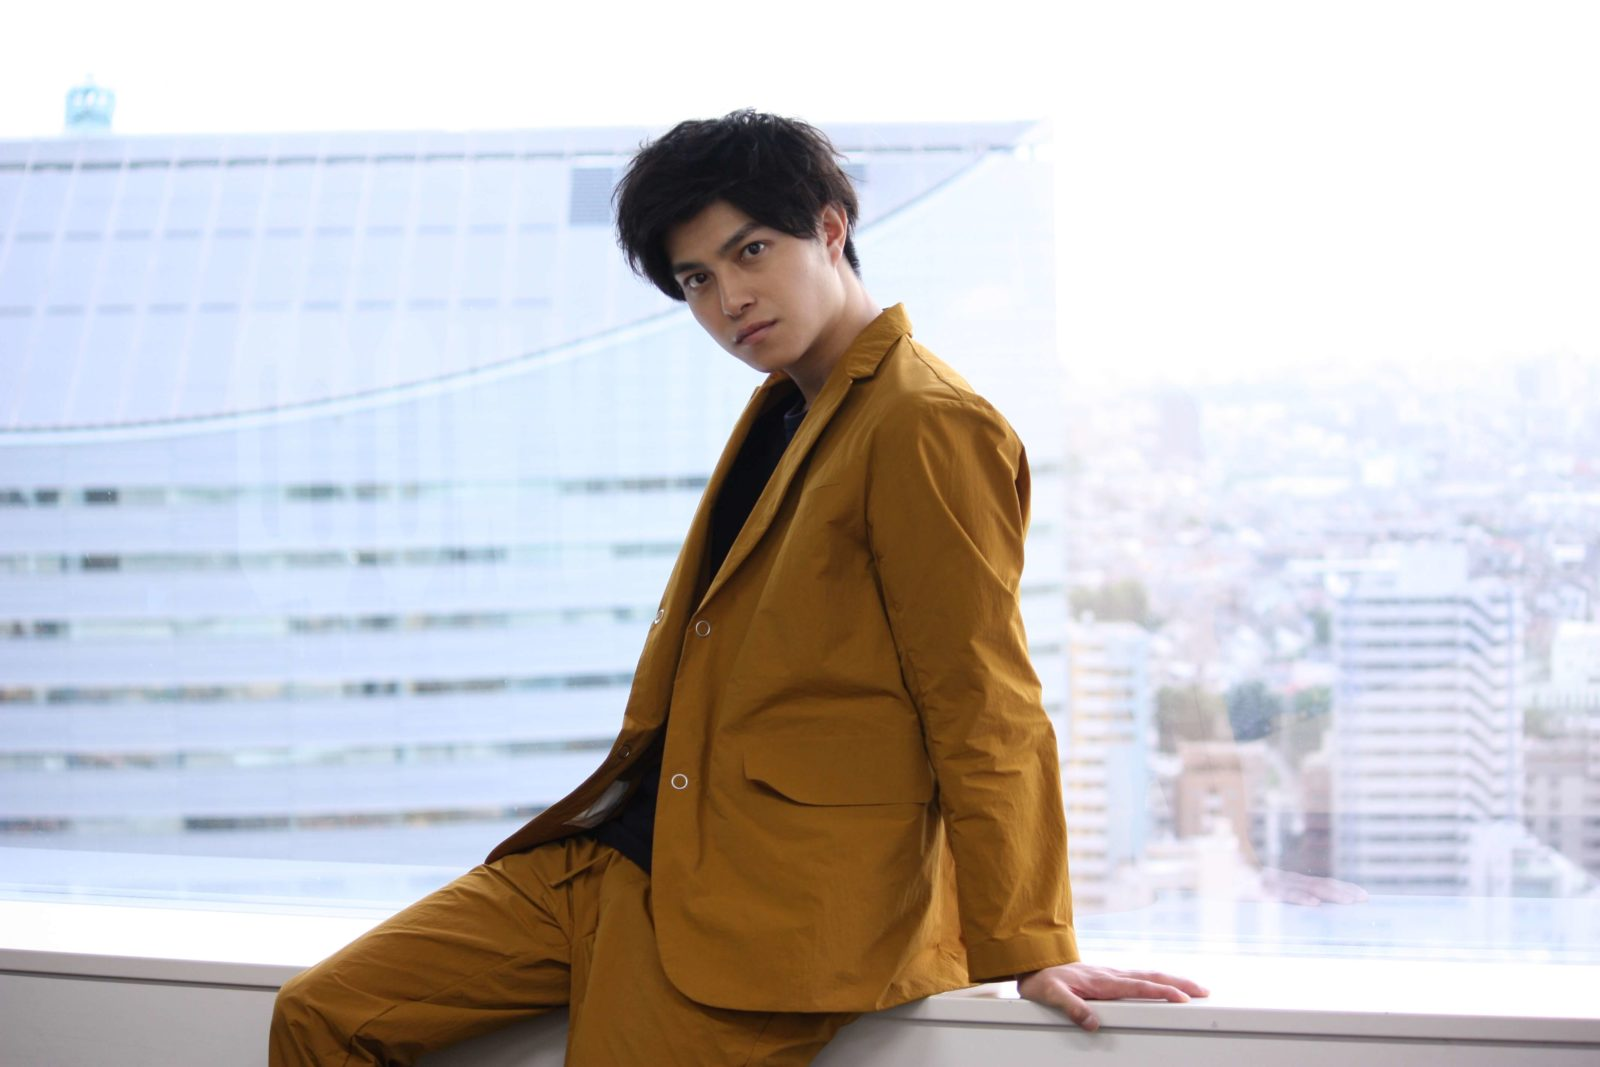 ドラマ『向かいのバズる家族』で内田理央の弟を演じる那智、初出演ドラマとこれからについて語るサムネイル画像